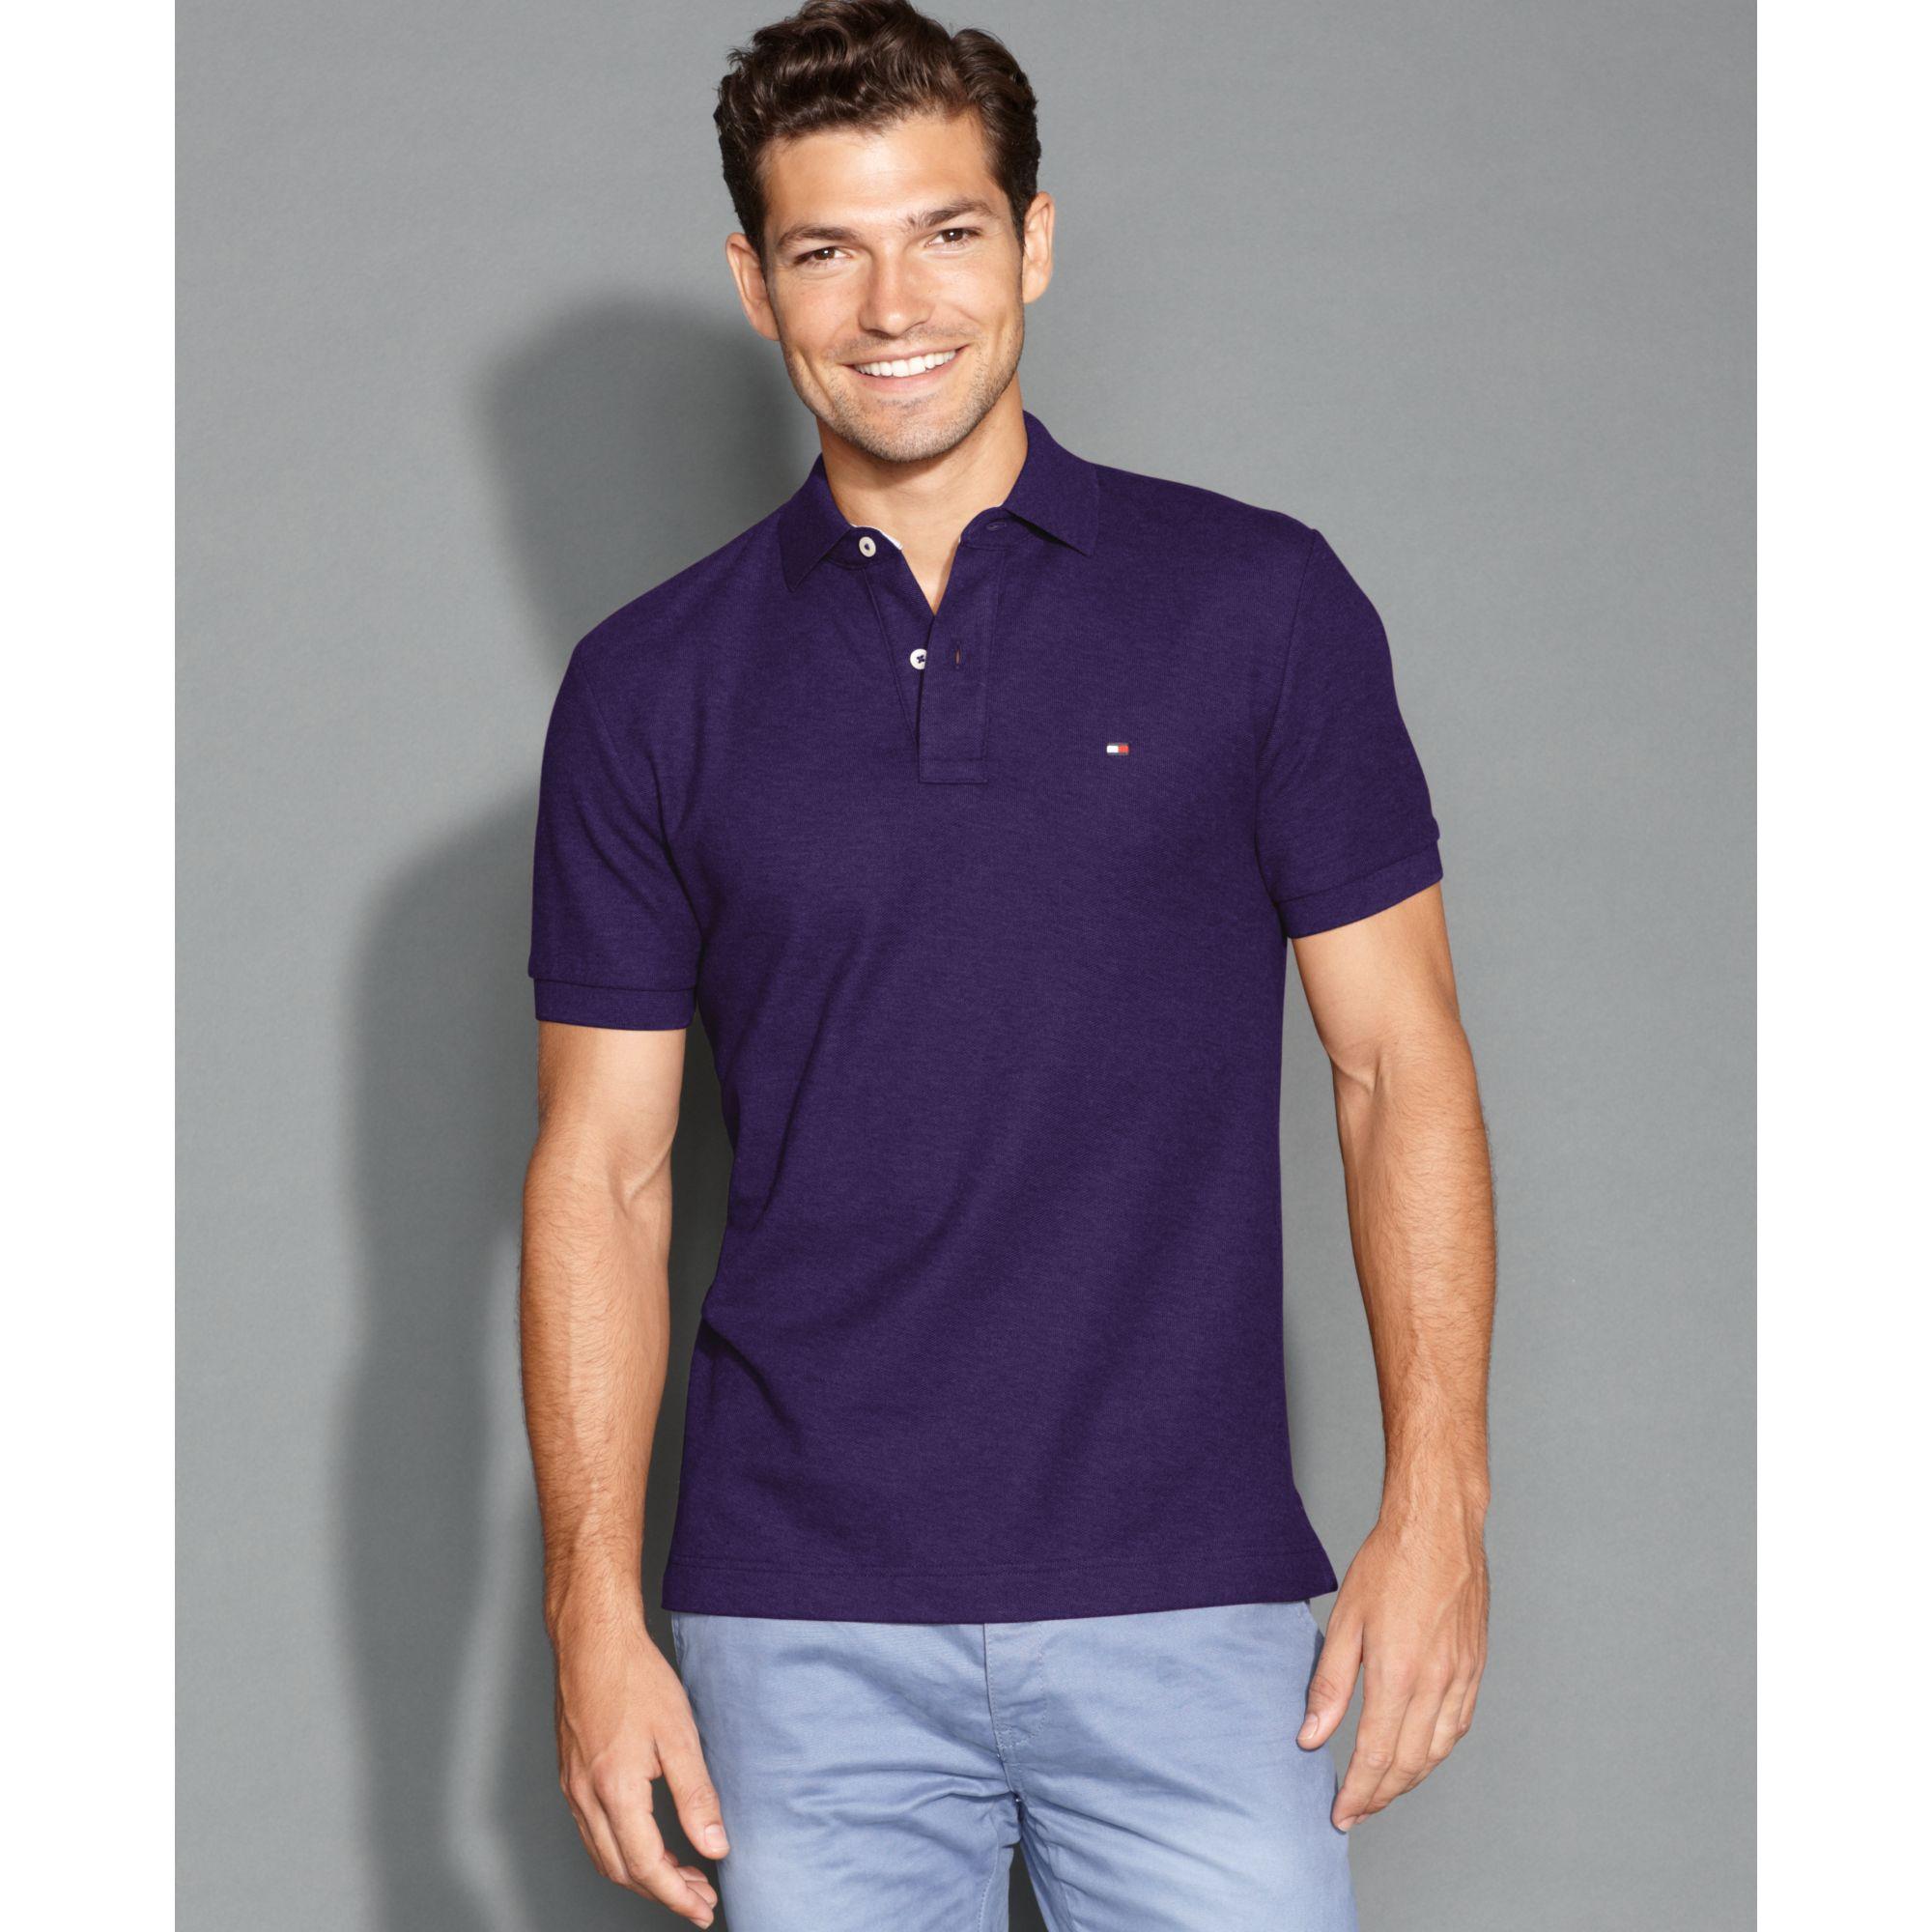 Ralph Lauren Women Polo Shirt